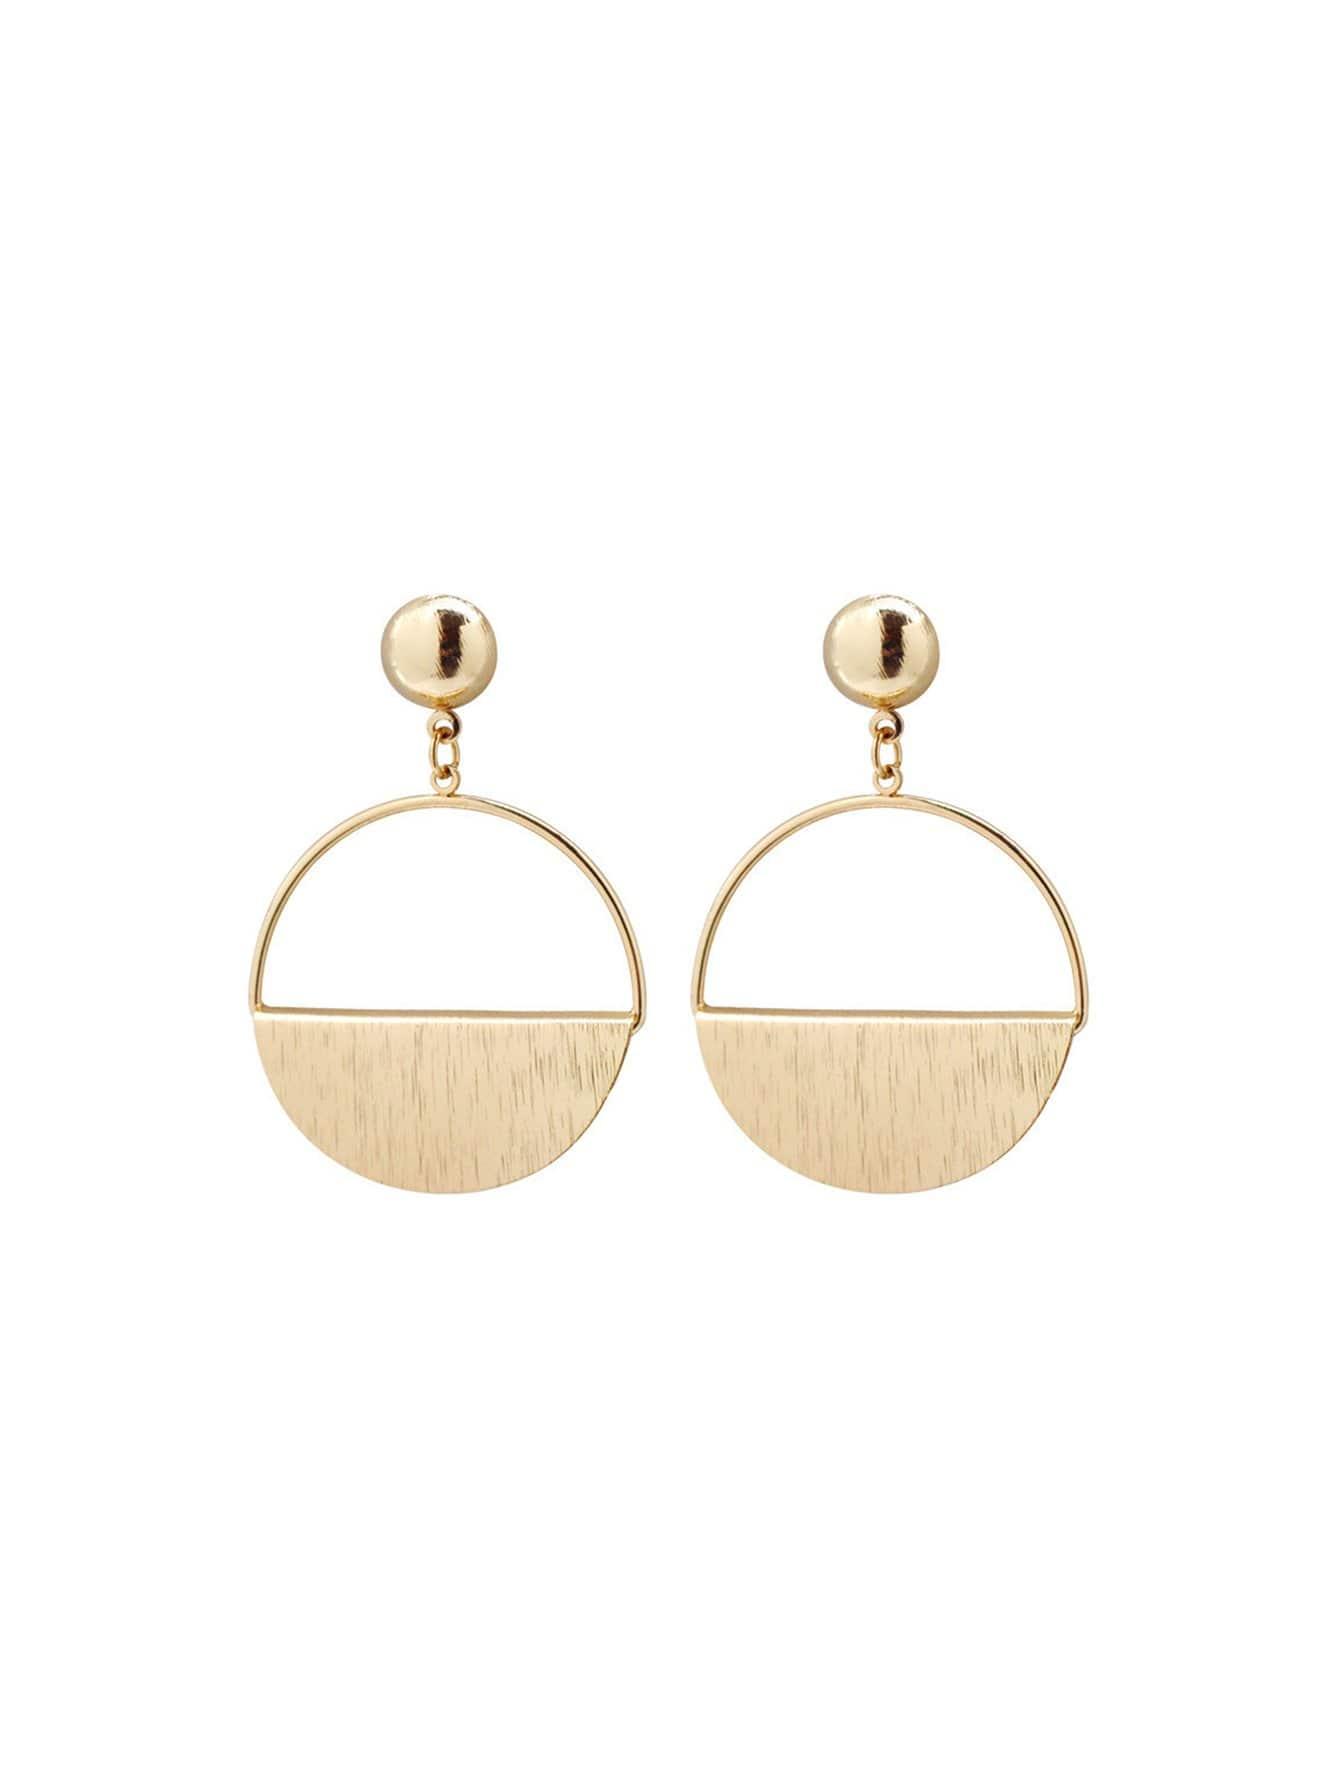 Half Circle Hoop Earrings